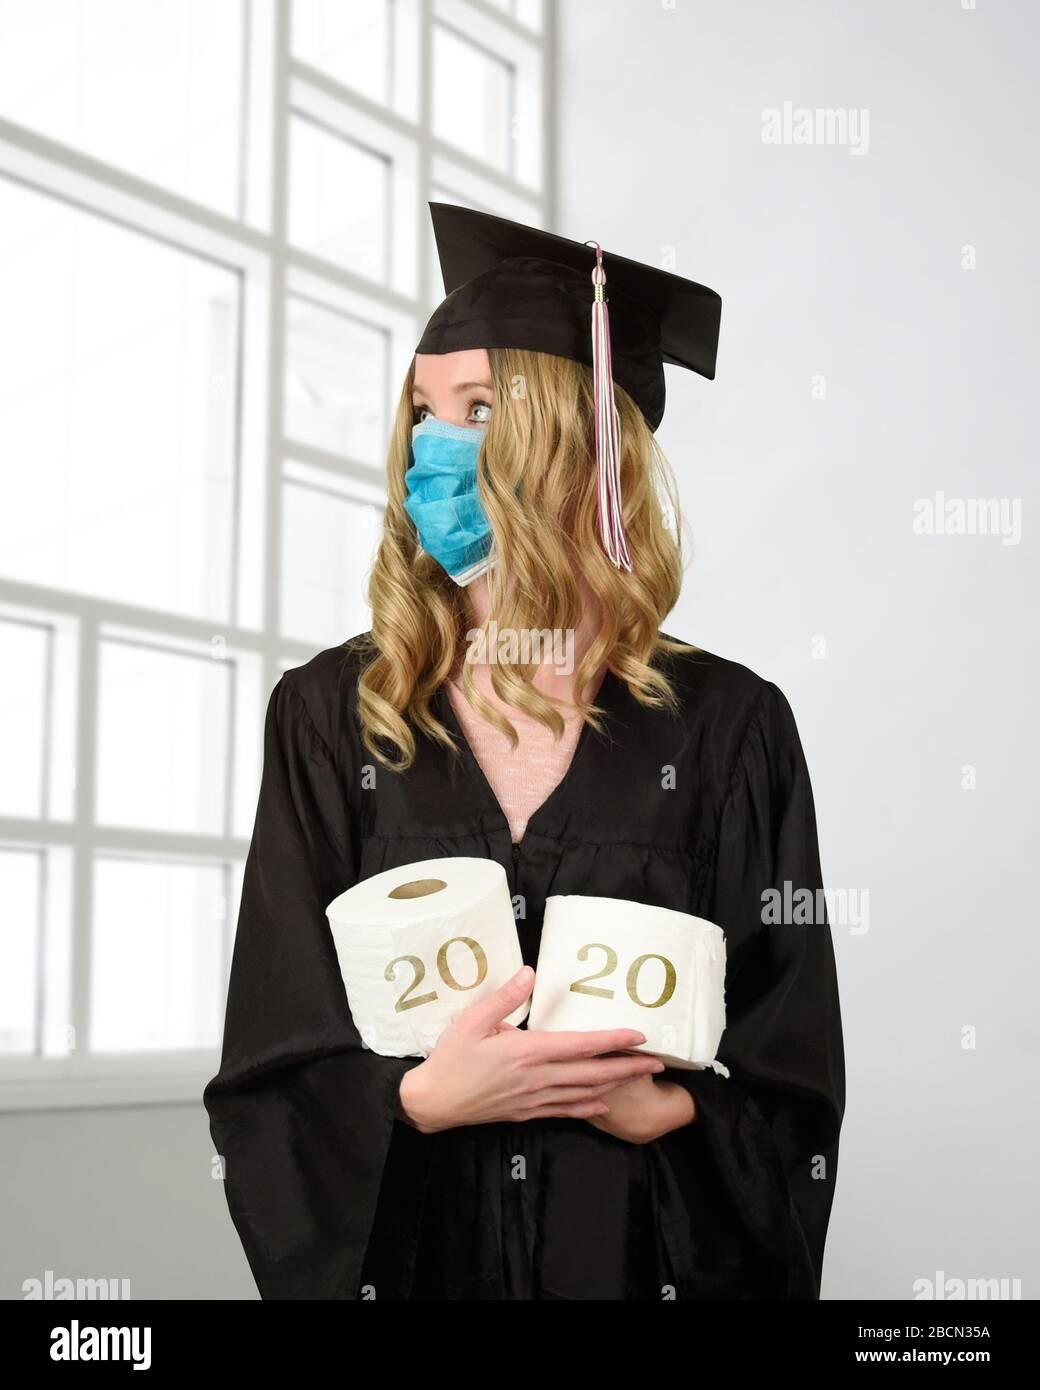 Un étudiant porte un cape de graduation et une robe tenant papier de toilette pour un concept humoristique de la classe de 2020 coronavirus pandémie du covid-10 Banque D'Images